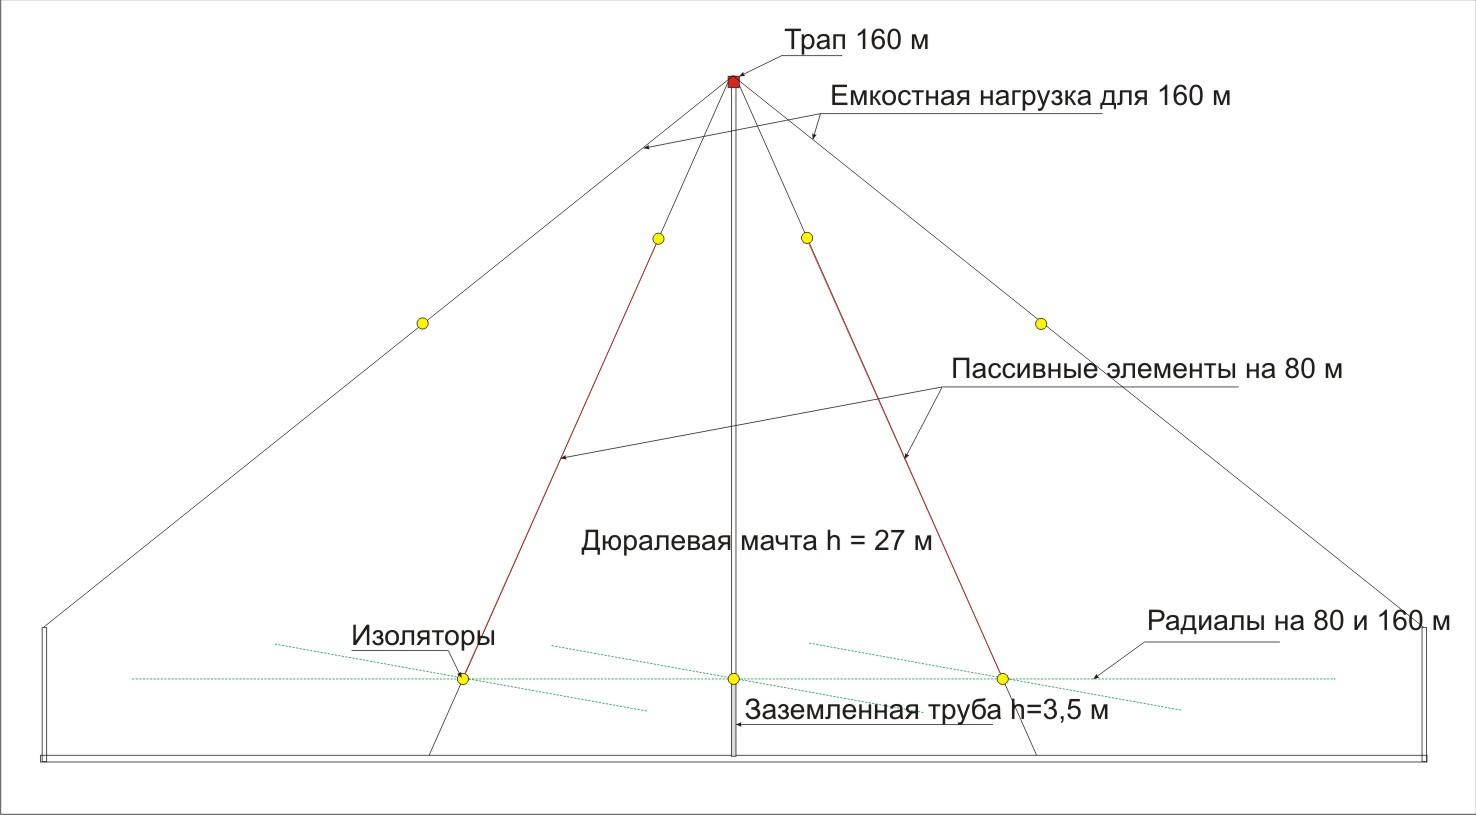 Нажмите на изображение для увеличения.  Название:схема.jpg Просмотров:1272 Размер:100.1 Кб ID:39836